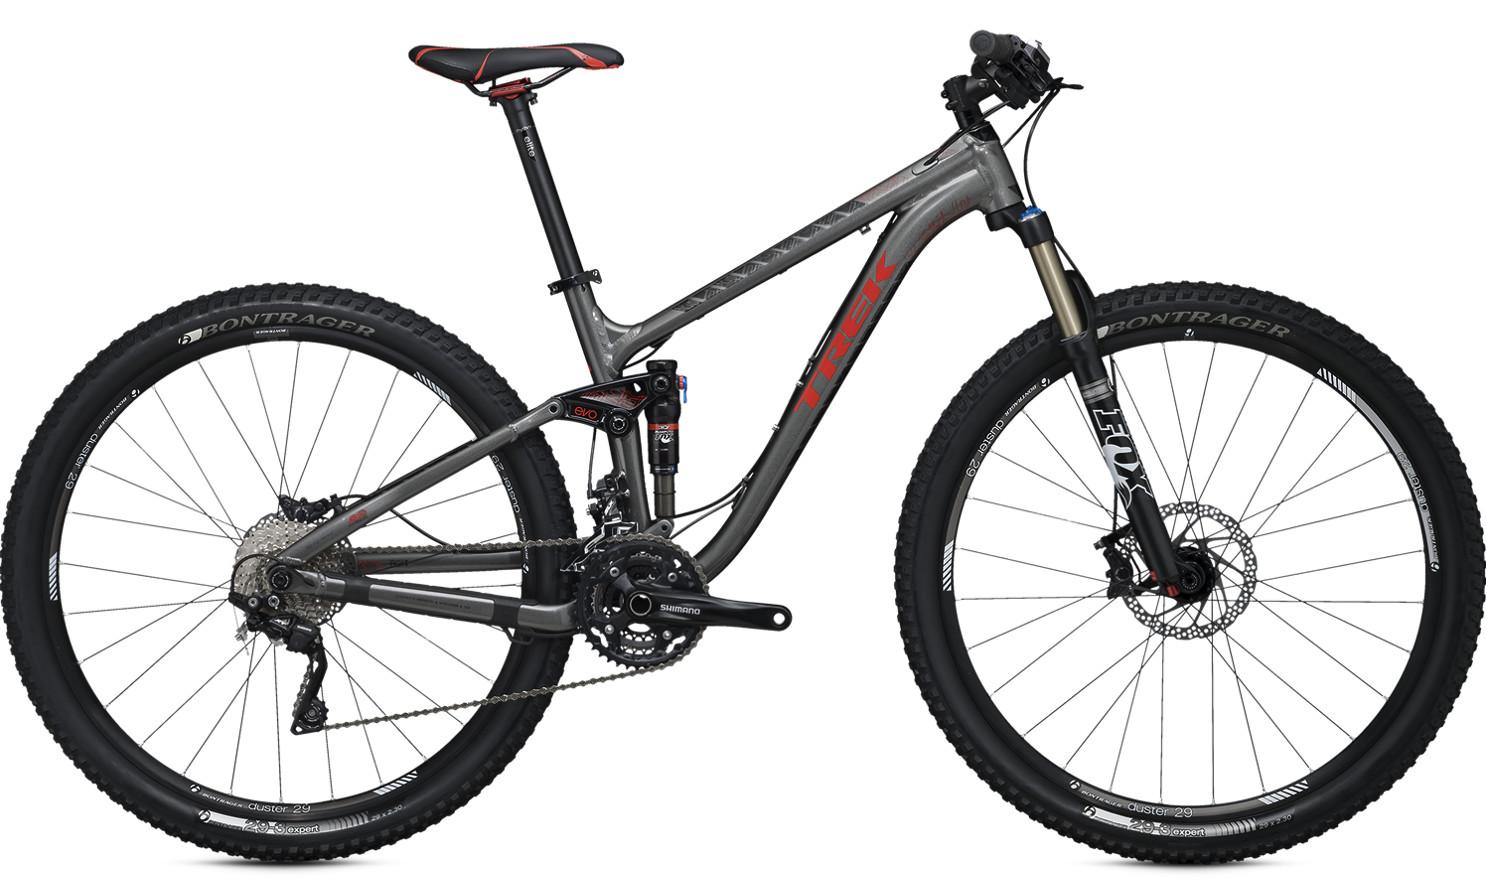 2014 Trek Fuel EX 8 29 Bike bike - 2014 Trek Fuel EX 8 29